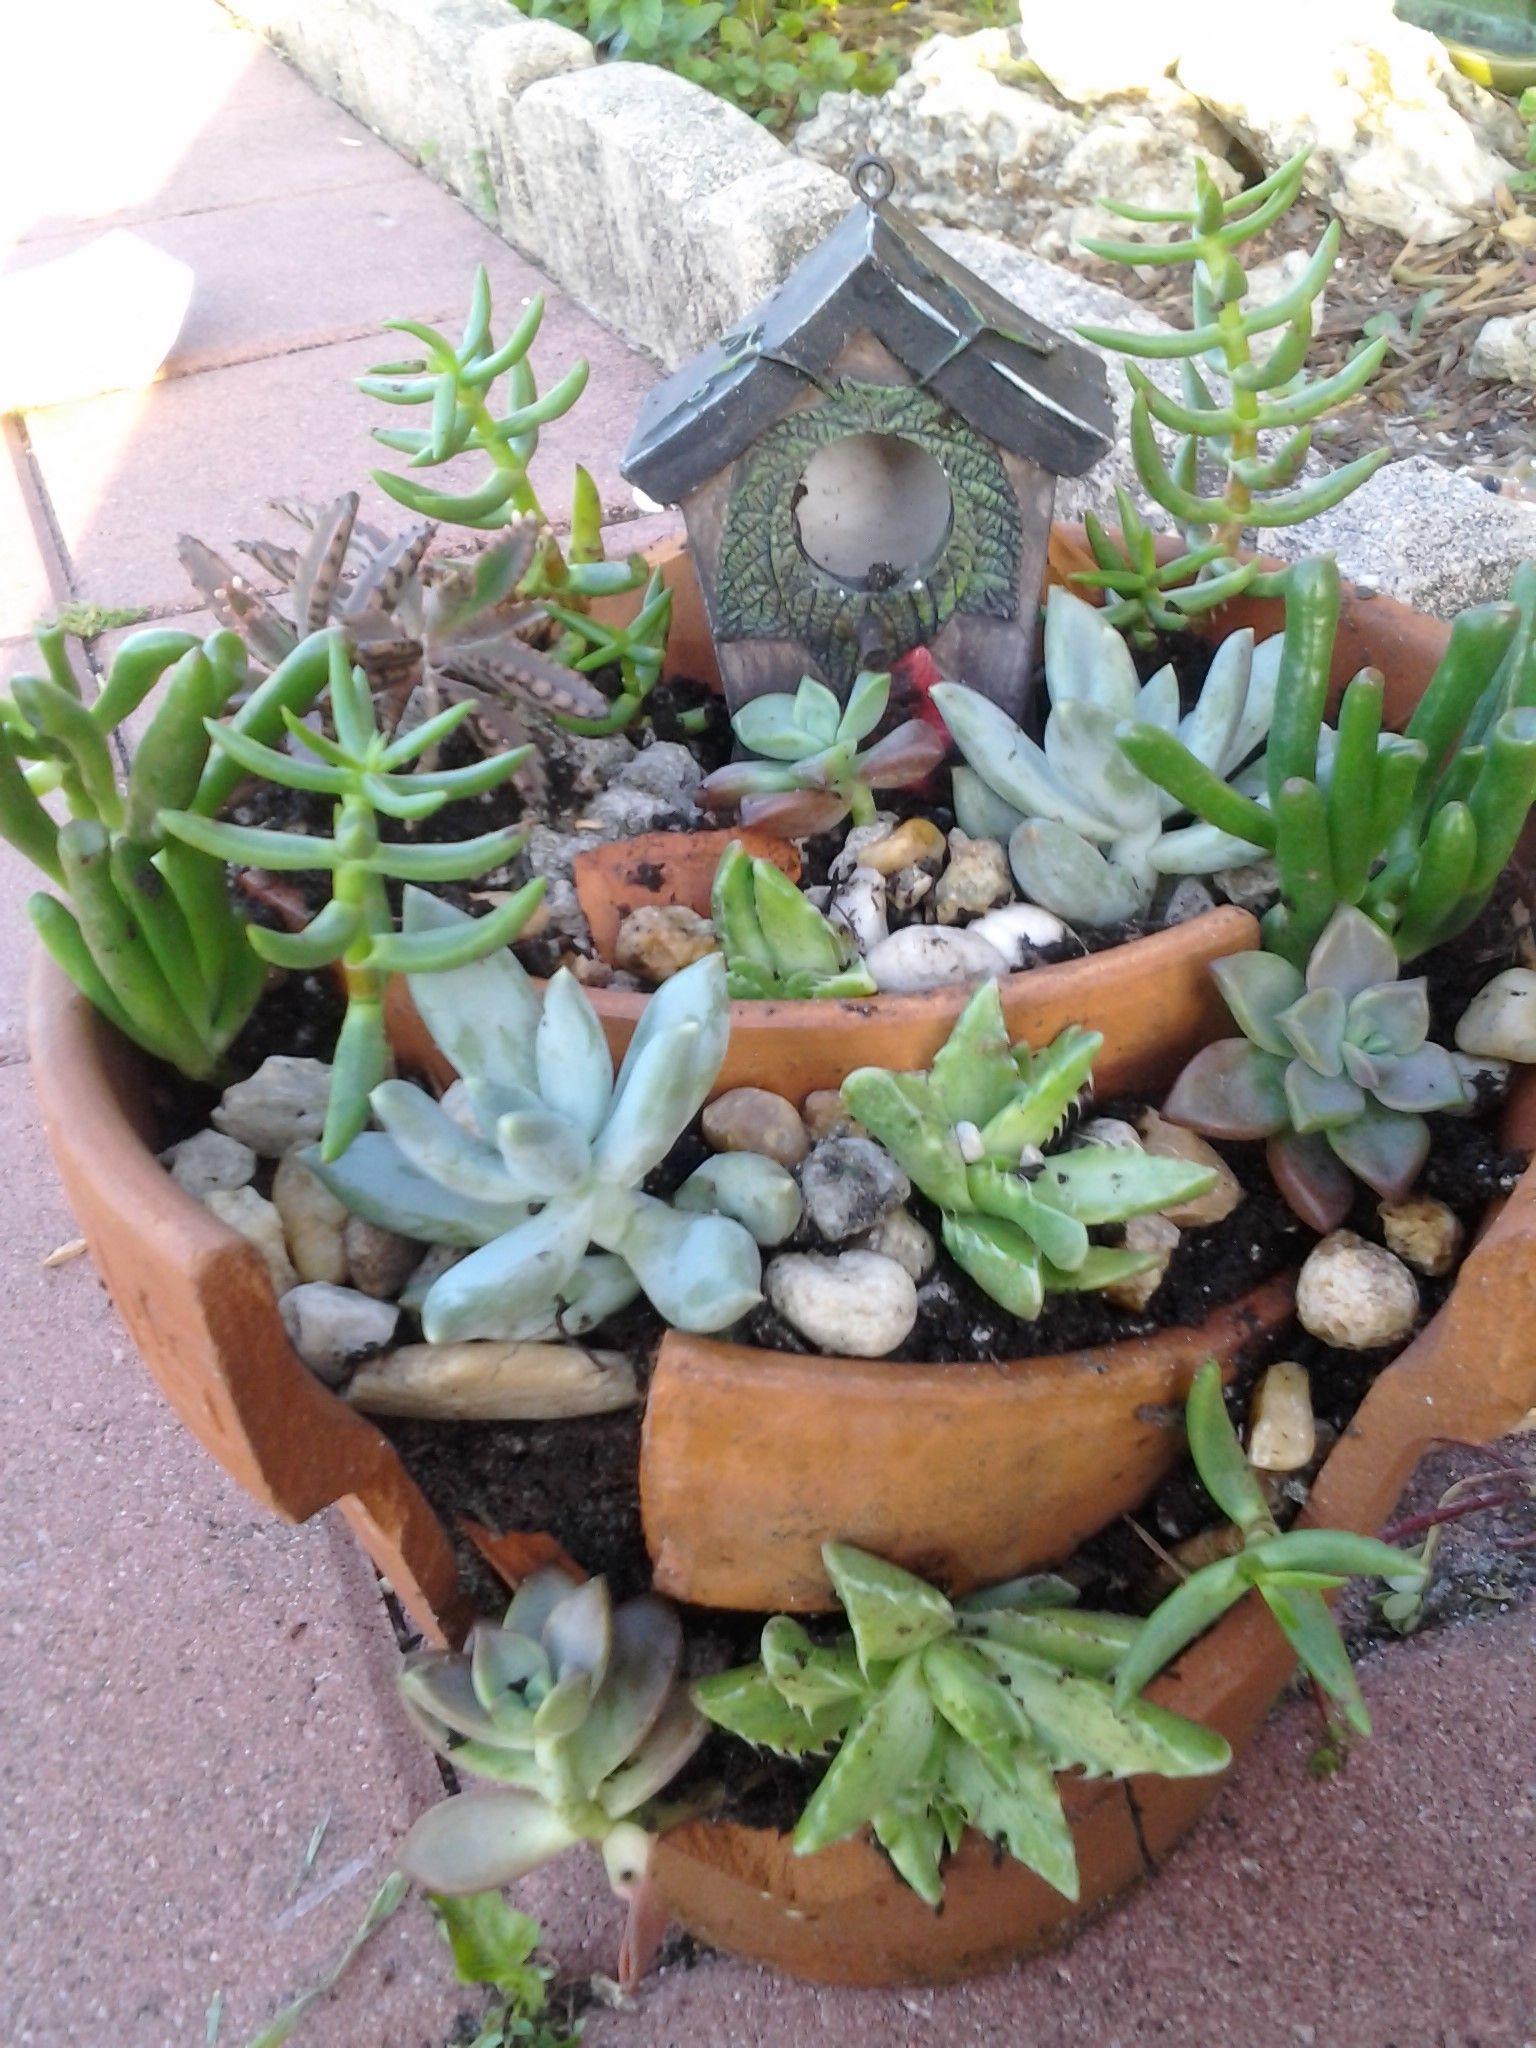 Come costruire mini giardini dai vasi rotti profy giac for Costruire giardini